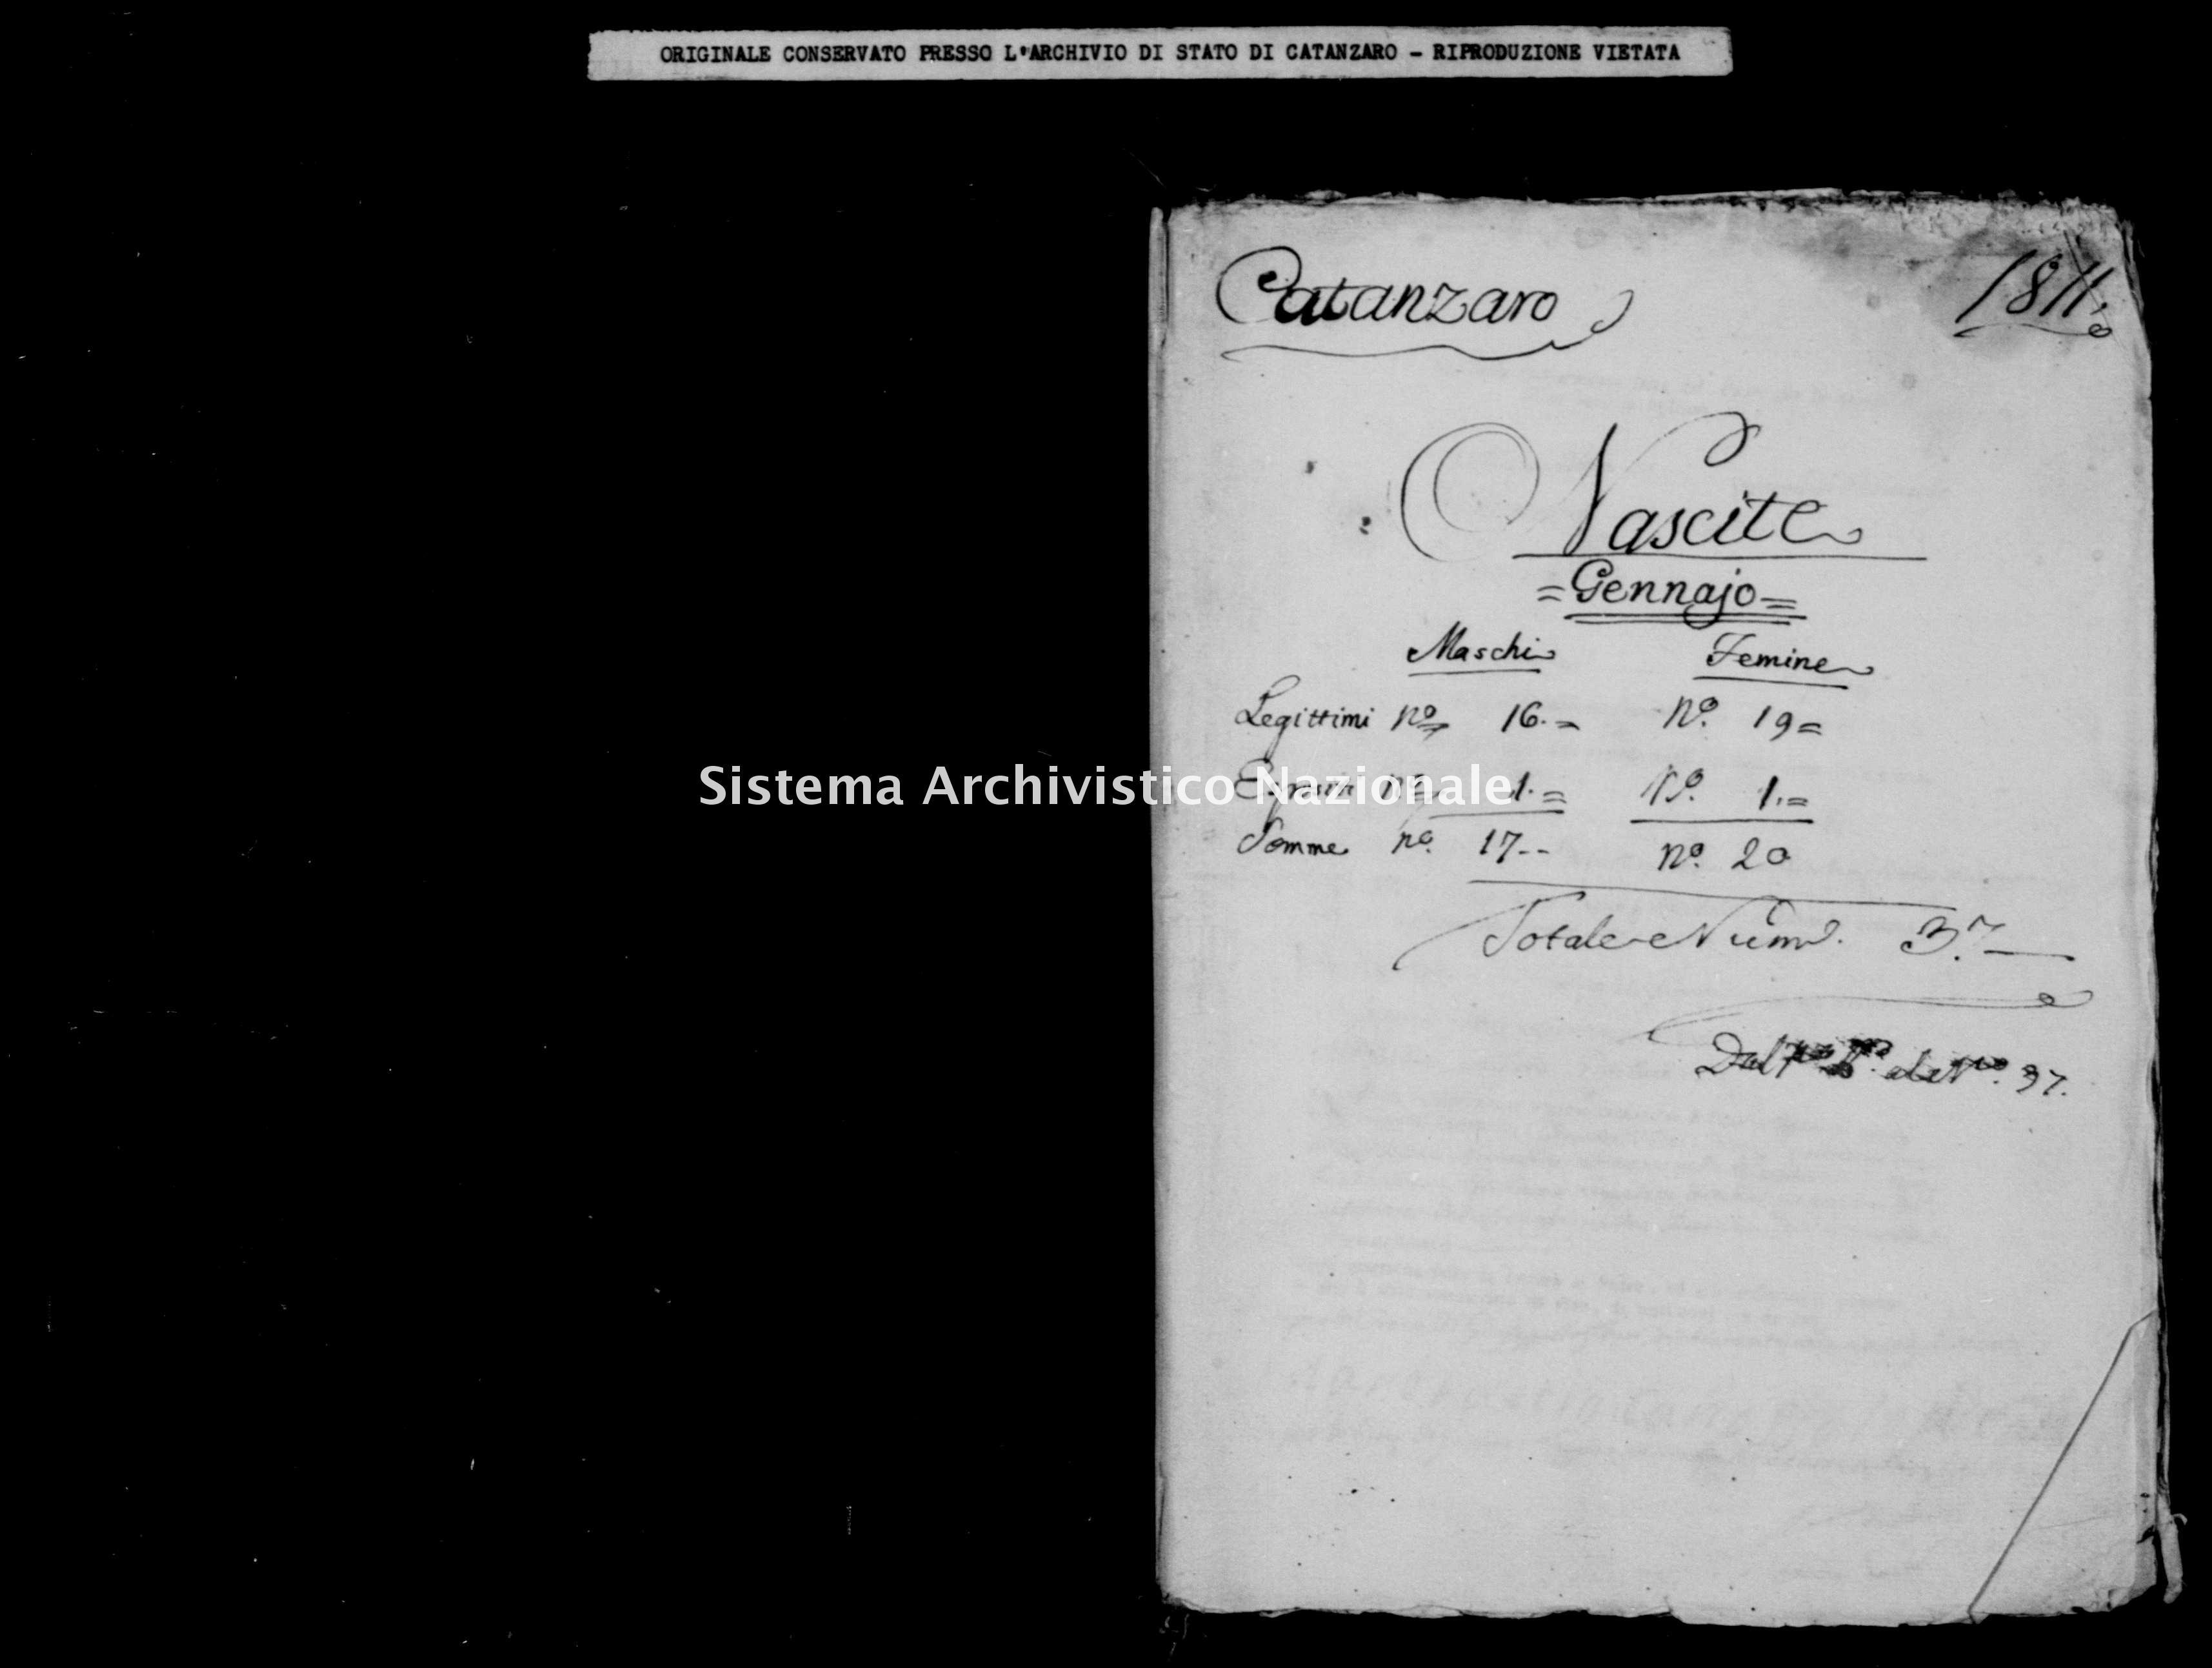 Archivio di stato di Catanzaro - Stato civile italiano - Catanzaro - Nati - 00/01/1811 - Seconda Coppia -